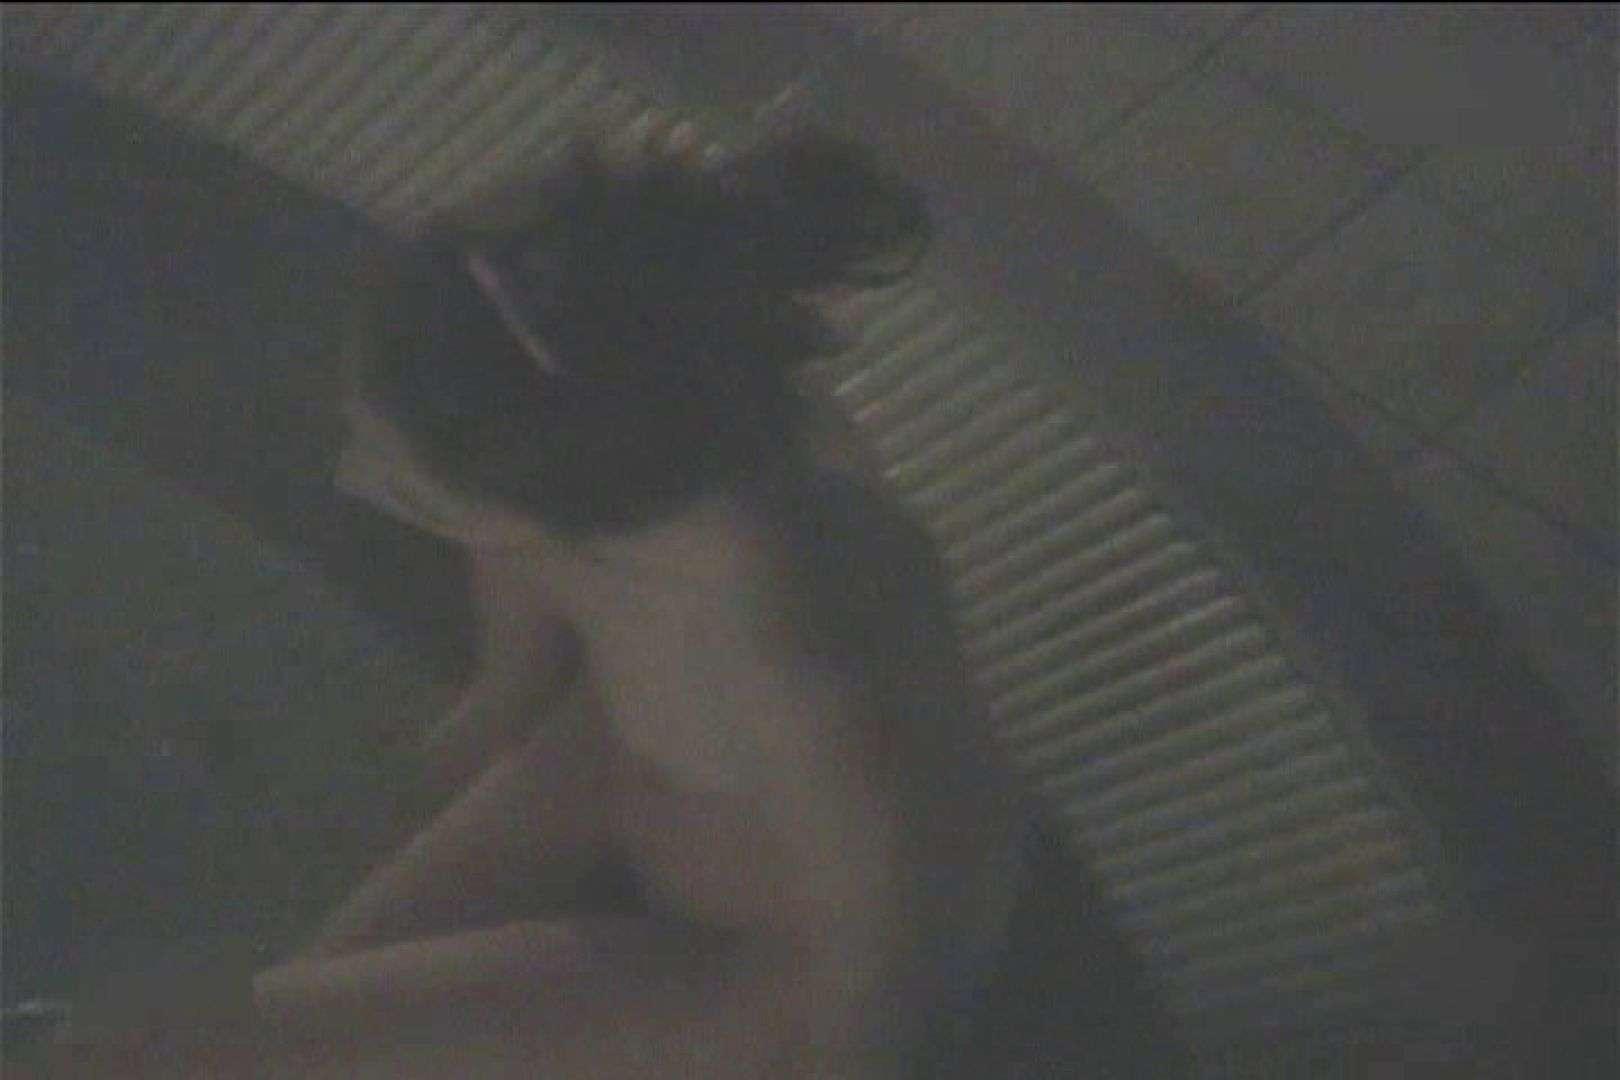 女体極楽癒しの湯 vol.4 OLセックス  102画像 6